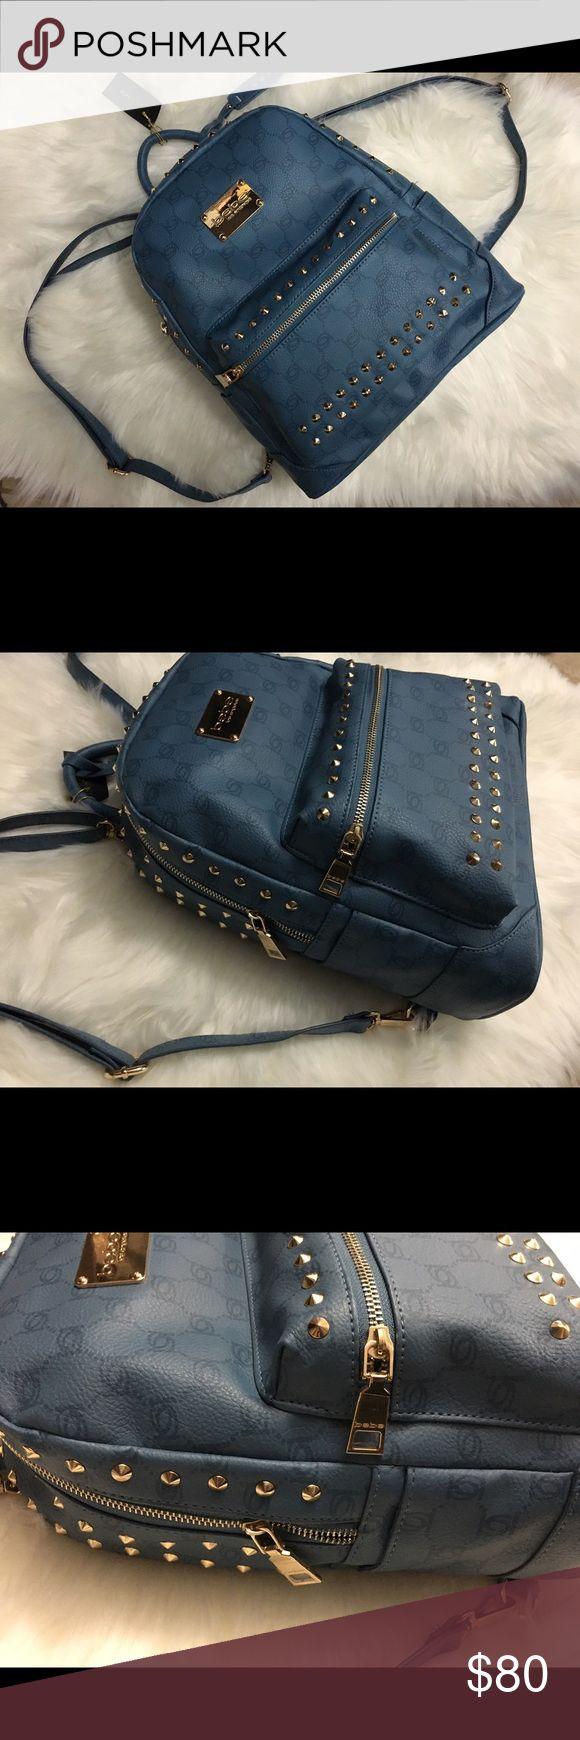 Bebe denim leather blue gold studded backpack Large bebe backpack blue denim like pattern monogrammed vegan leather handbag with gold studded design bebe Bags Backpacks